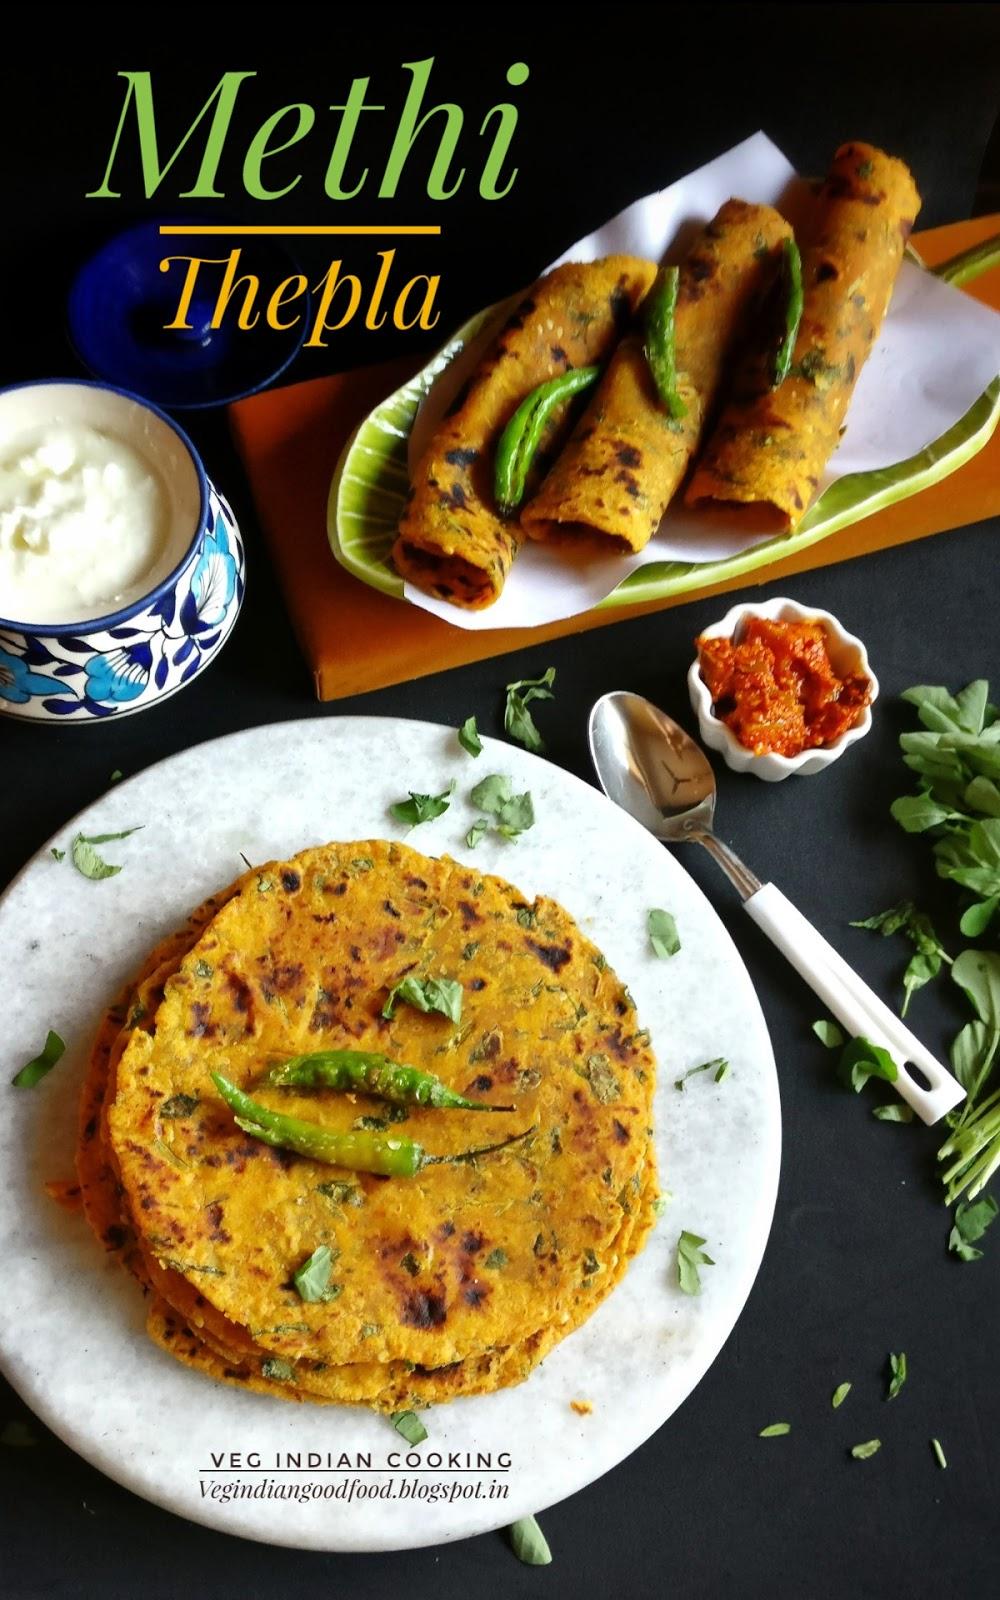 Veg Indian Cooking: Methi Thepla Recipe